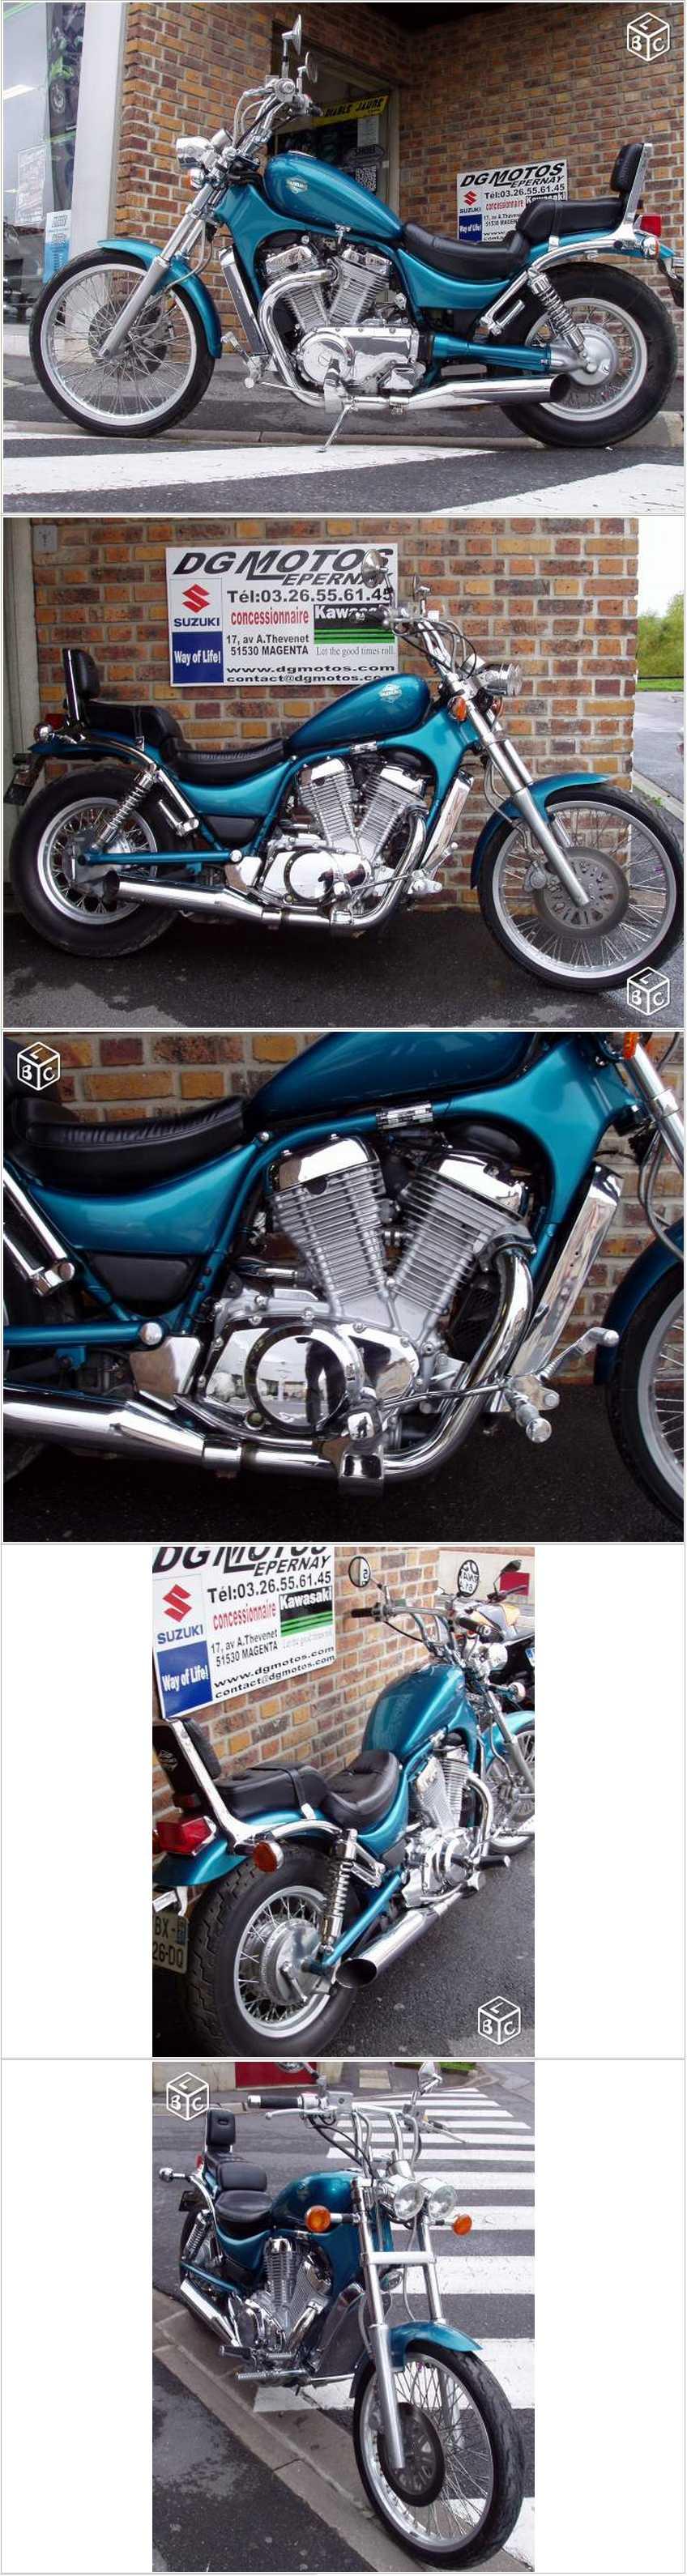 VS 600 GL bleue 1501261241362891812906412